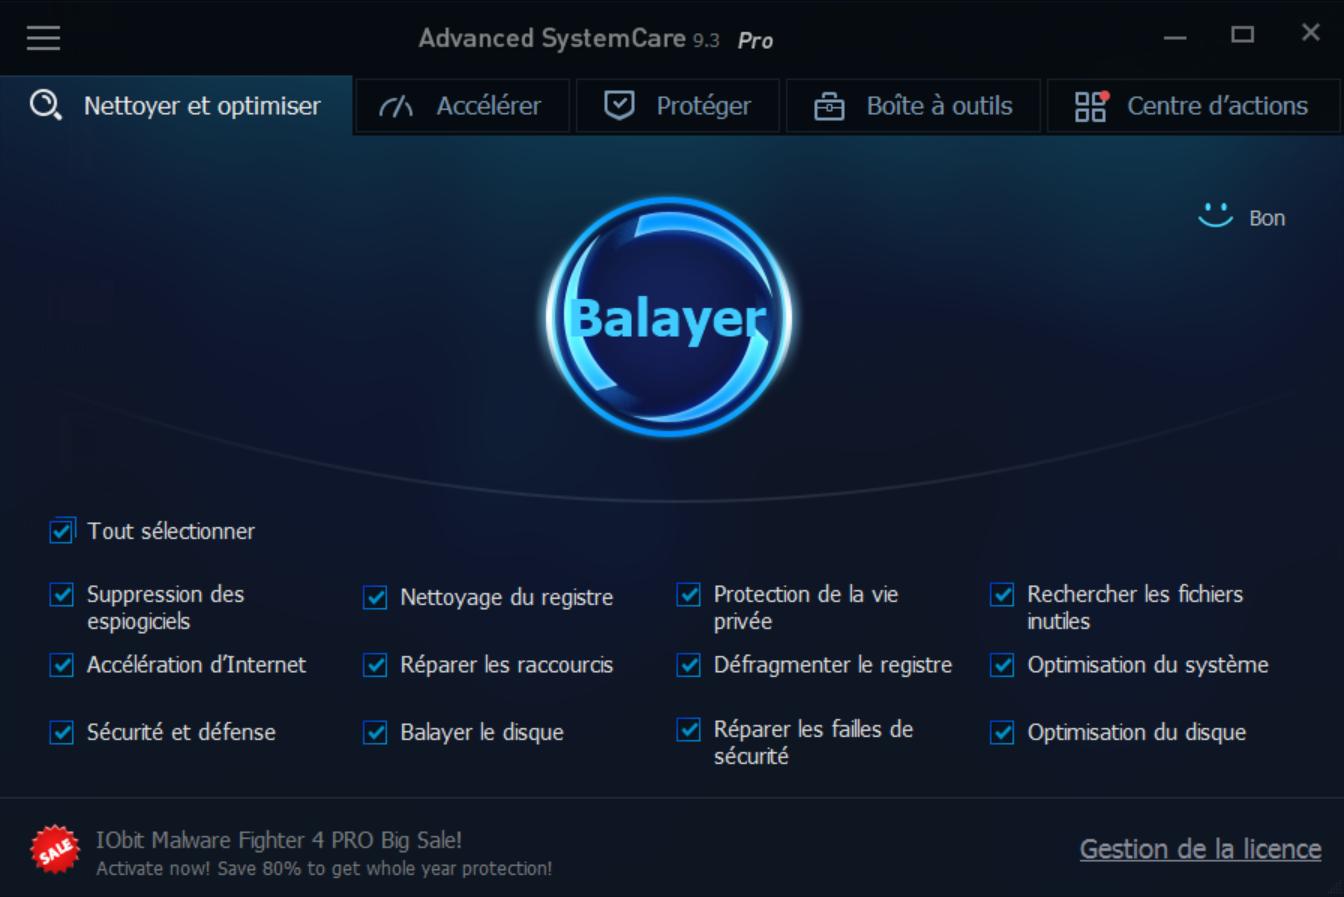 advance system care pro